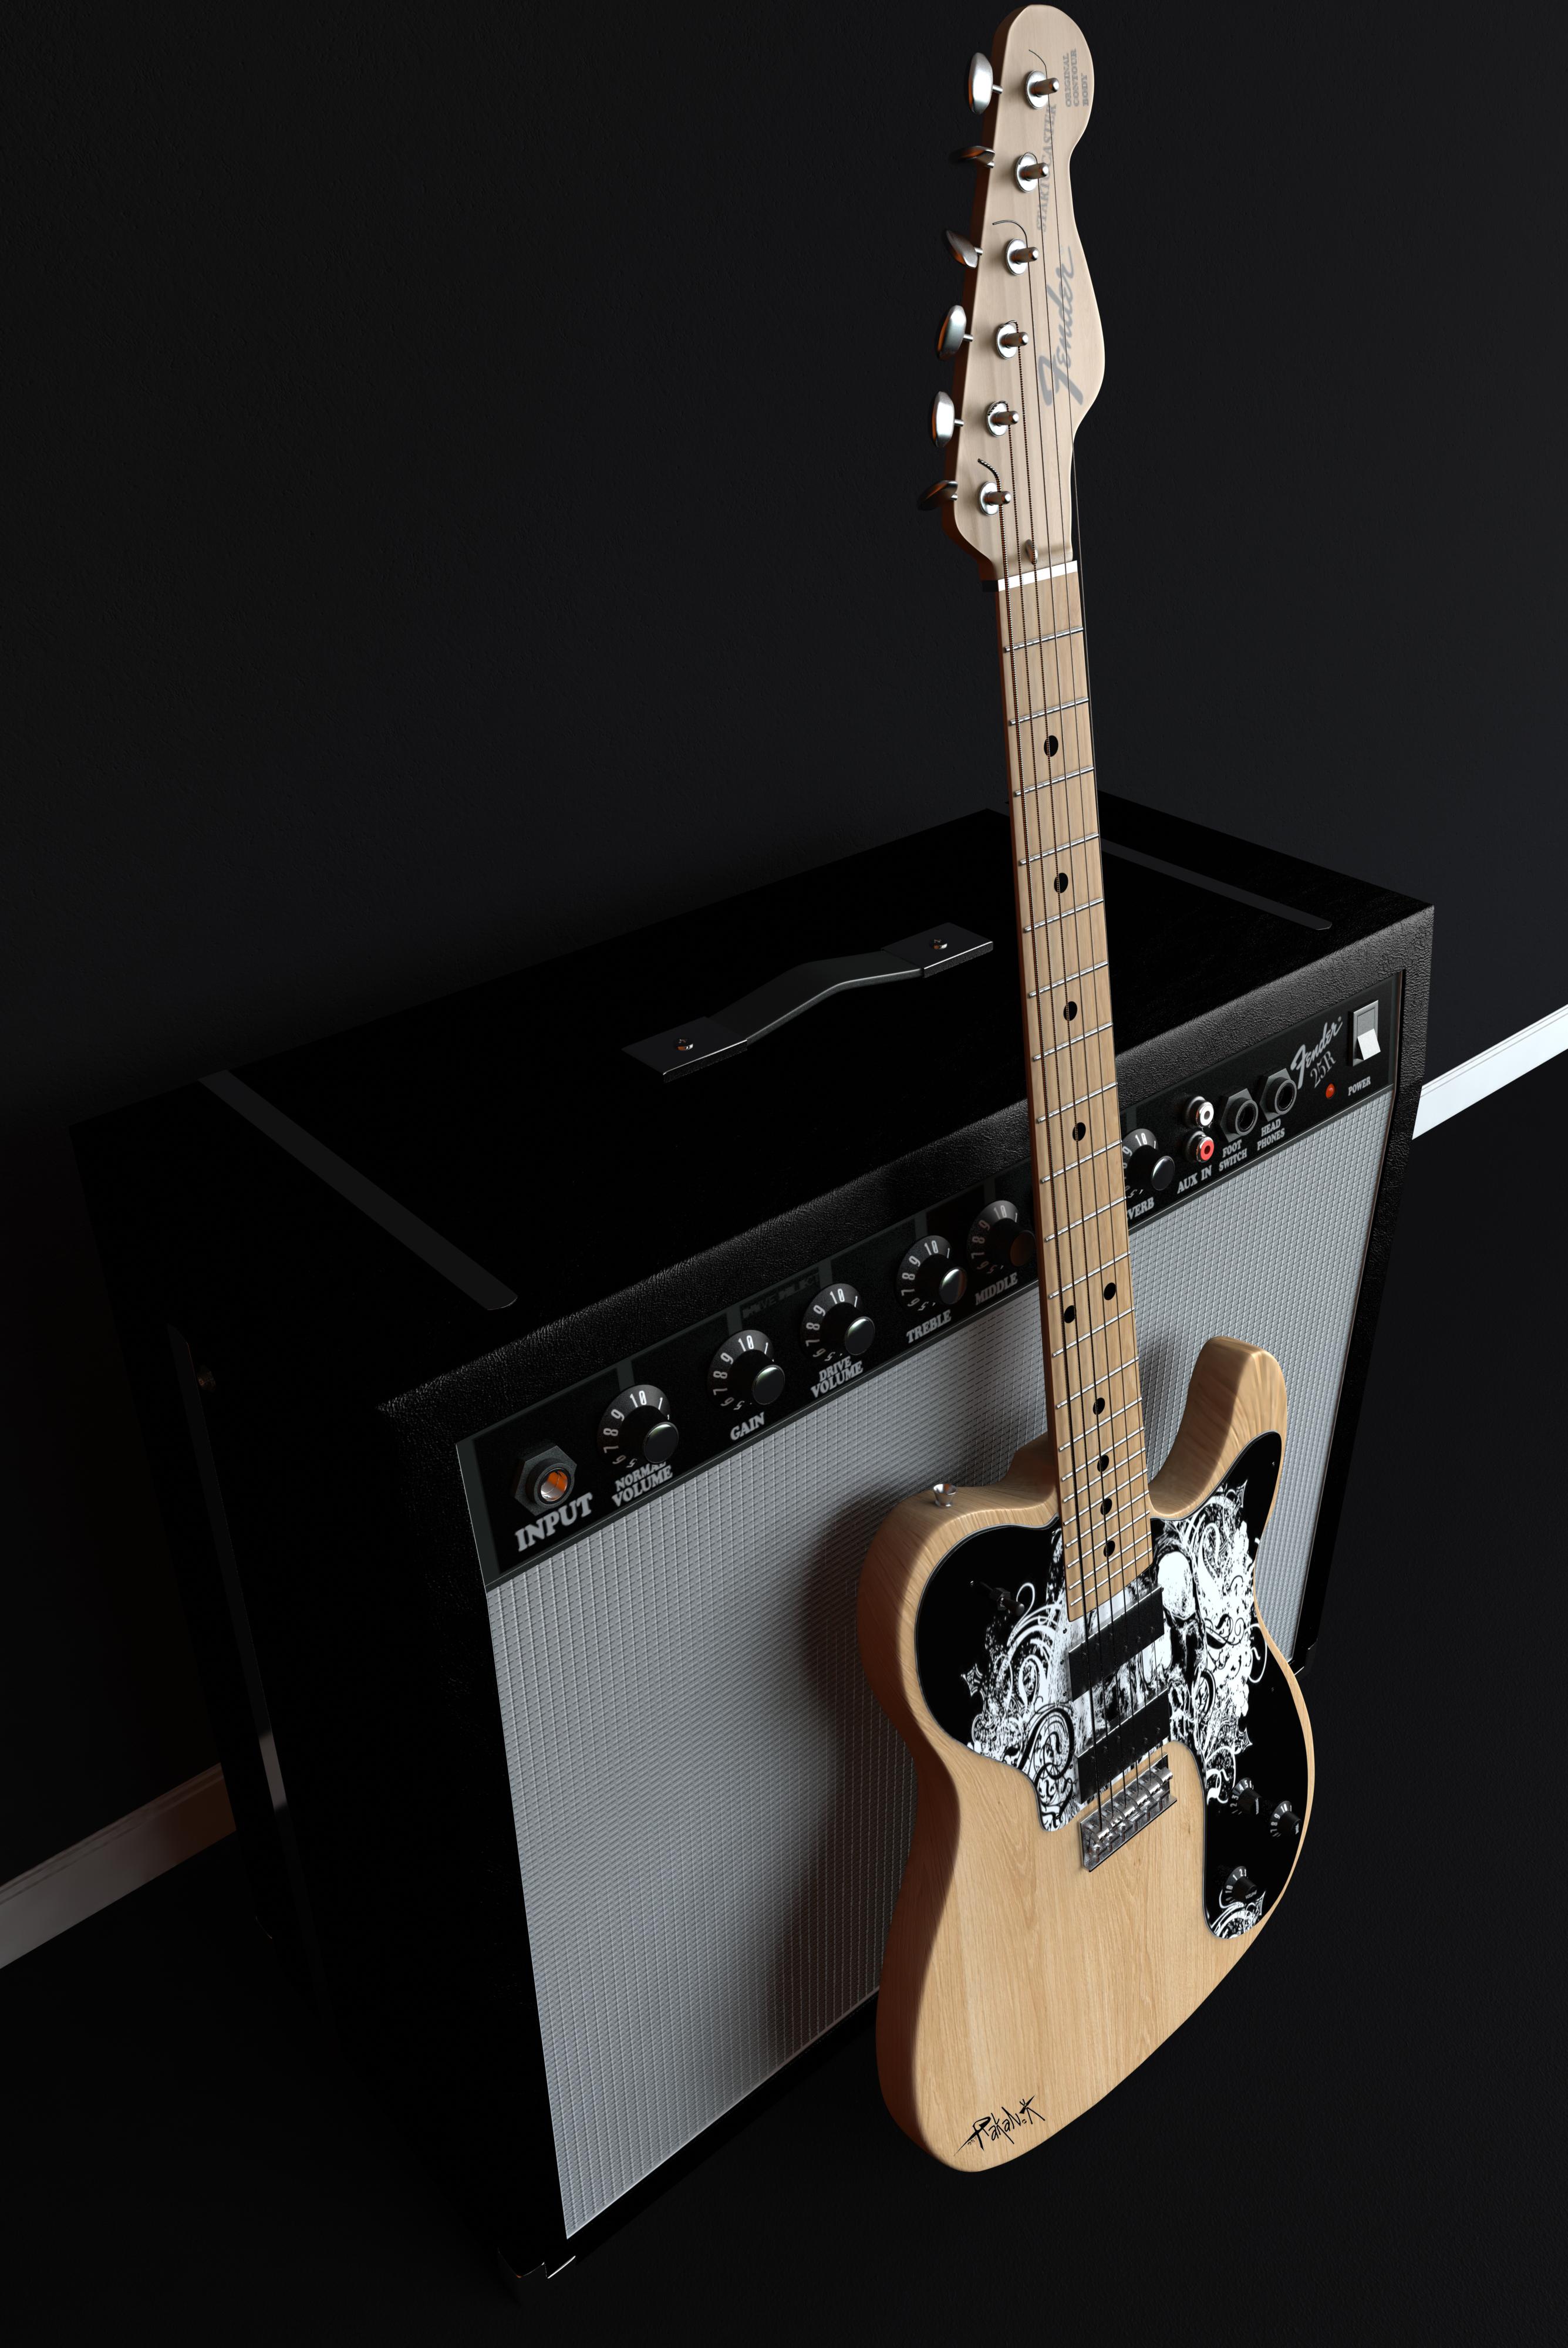 Guitar Wallpaper High Resolution Wallpapersafari